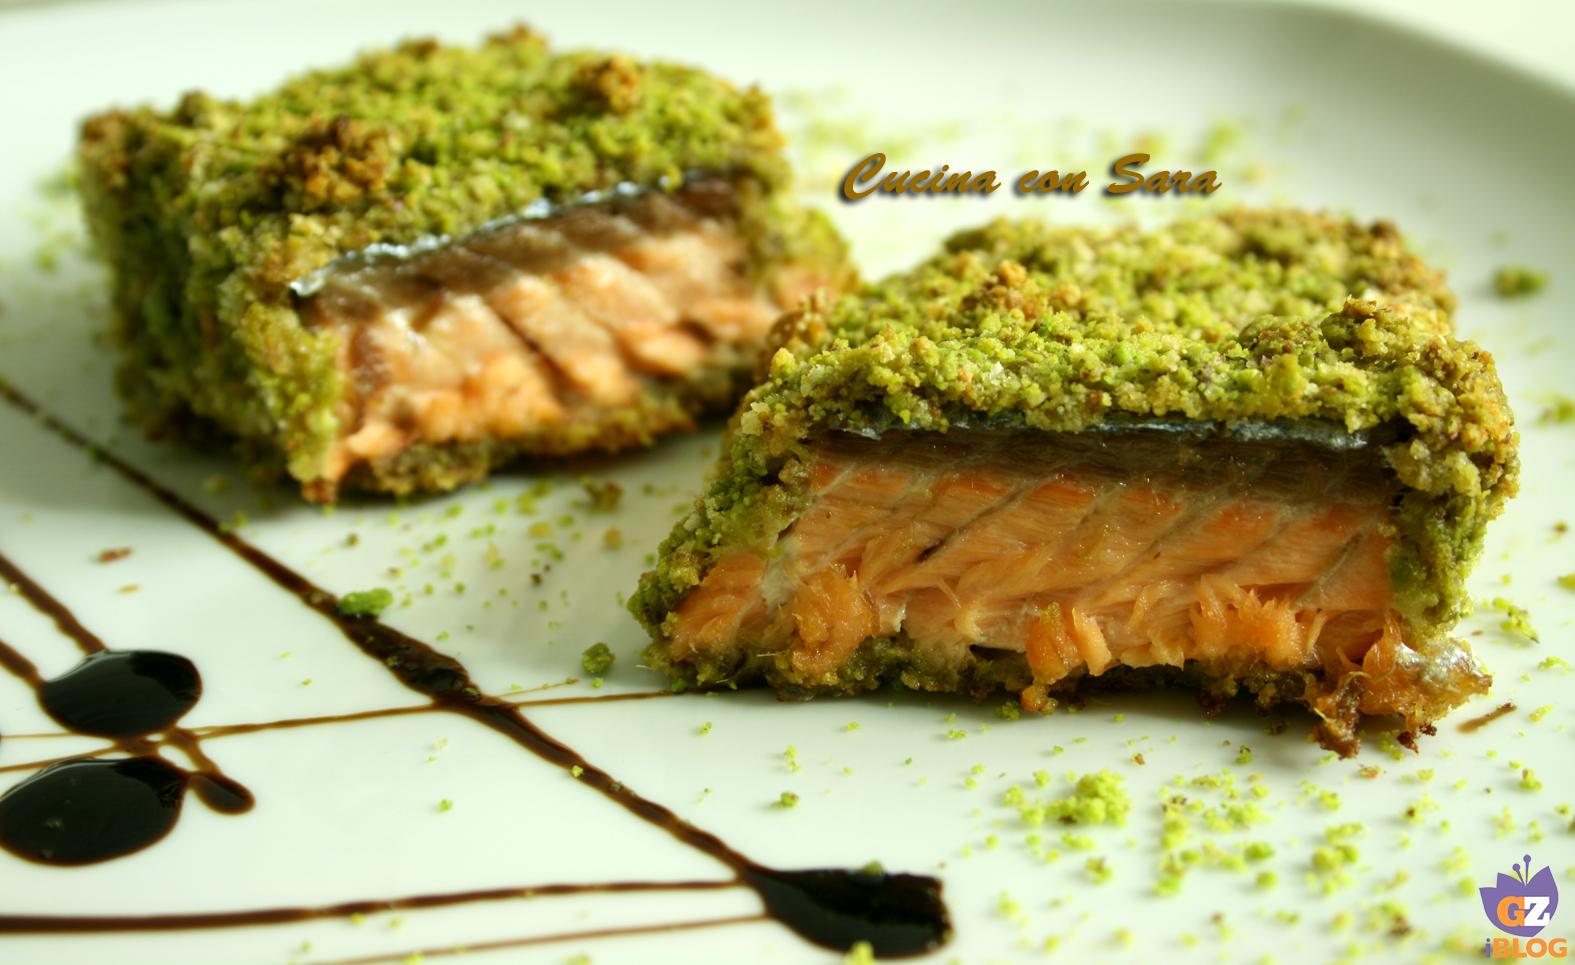 Ricetta Salmone Con Pistacchi.Salmone In Crosta Di Pistacchi Cucina Con Sara